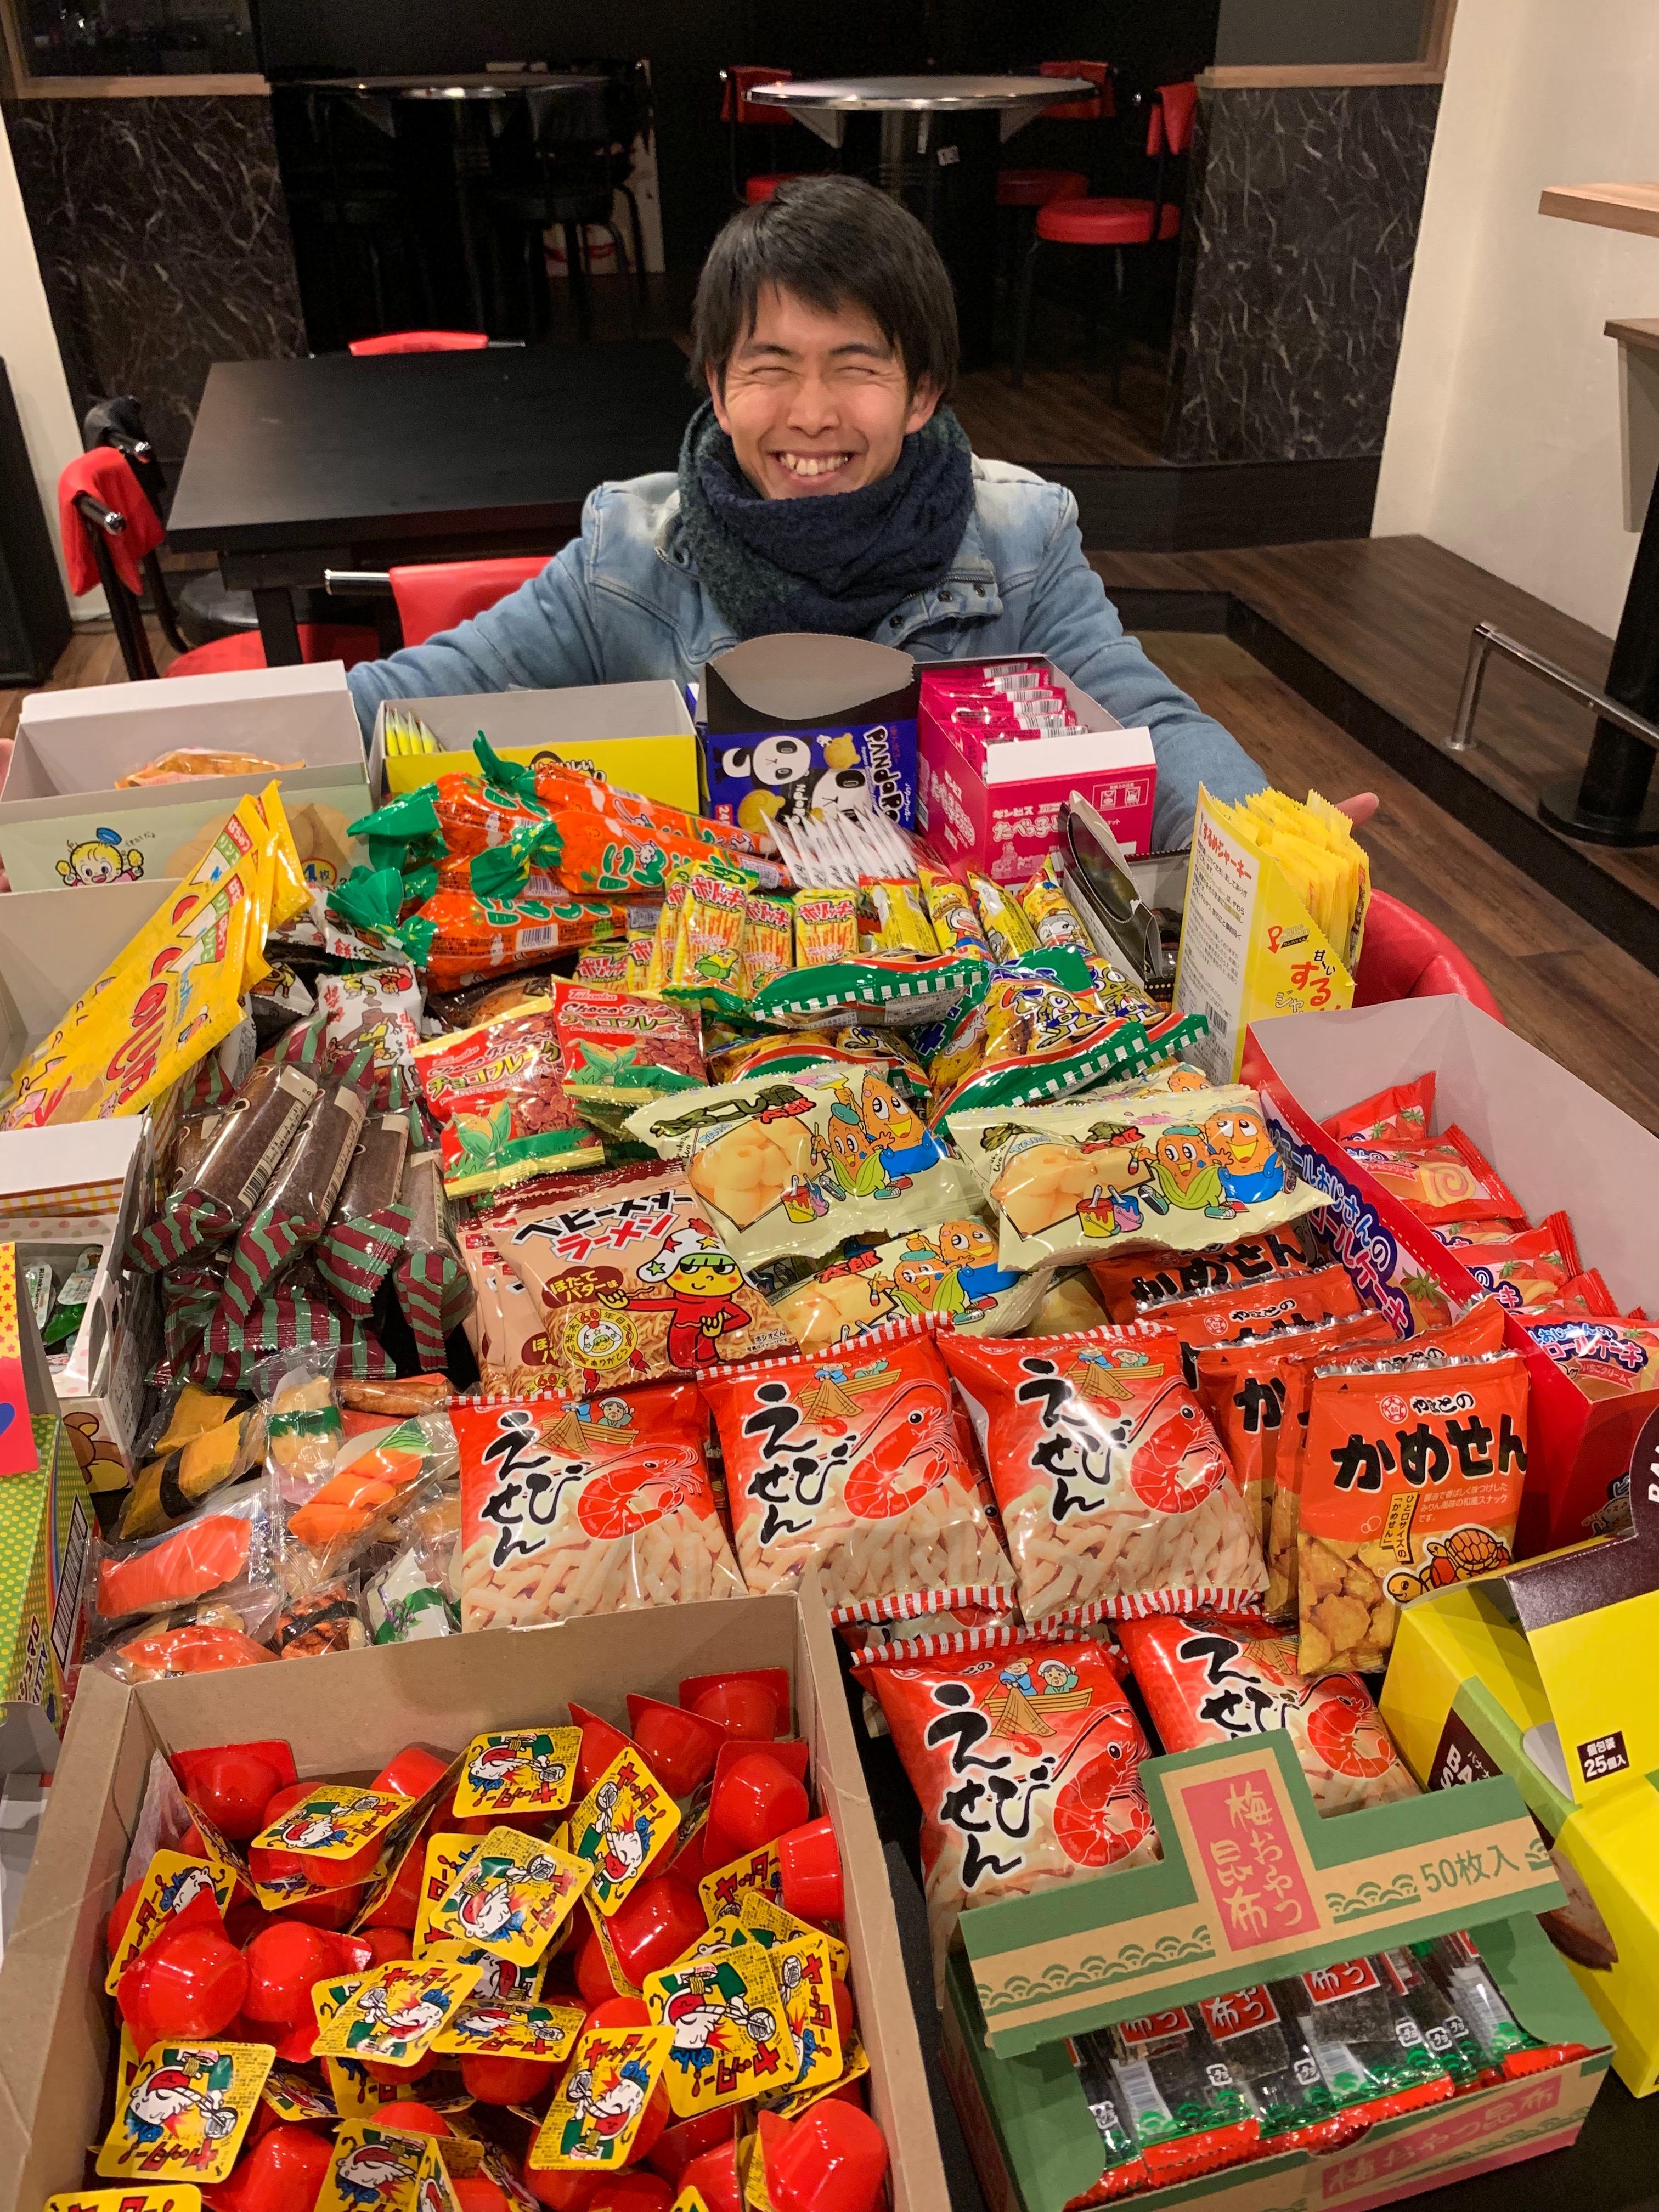 名古屋大須の「あのおかしカフェ&バー」感想口コミ評価!駄菓子食べ放題でボードゲームも!「オーナー加藤大典」